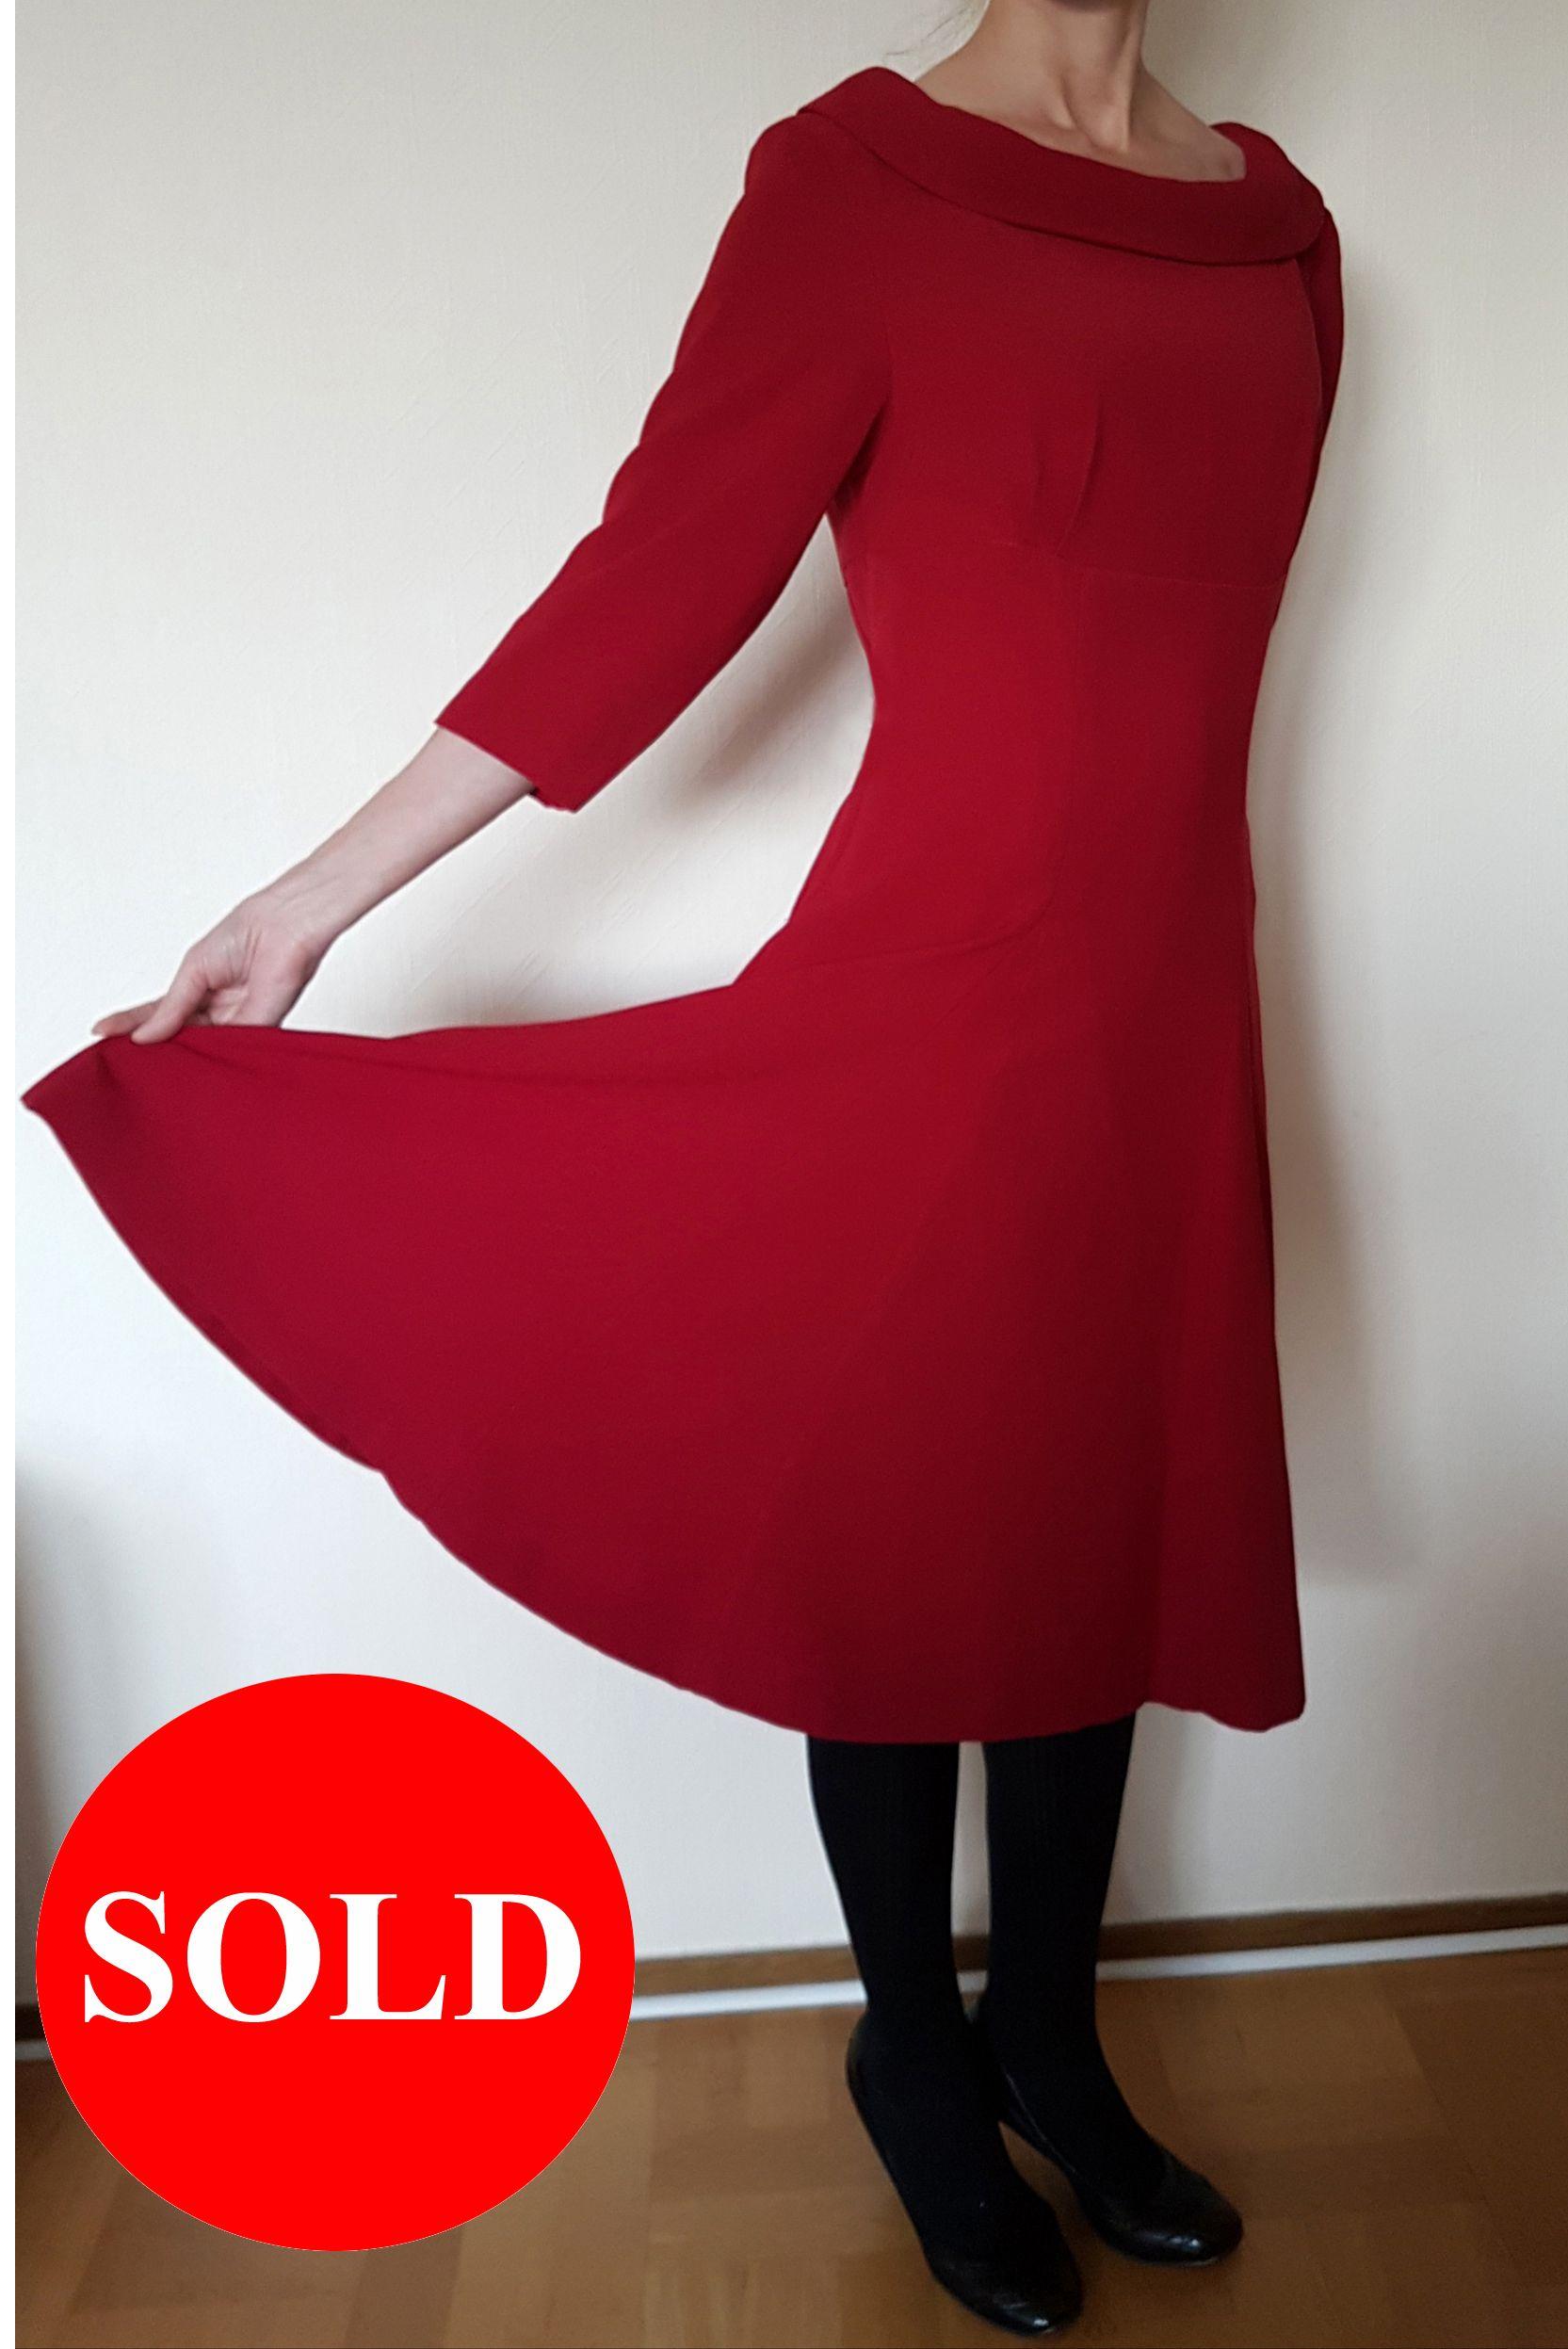 89efdc8af126 Röd klänning med vid och dekorativ krage. Klockad kjol och 3/4 ärmar ...